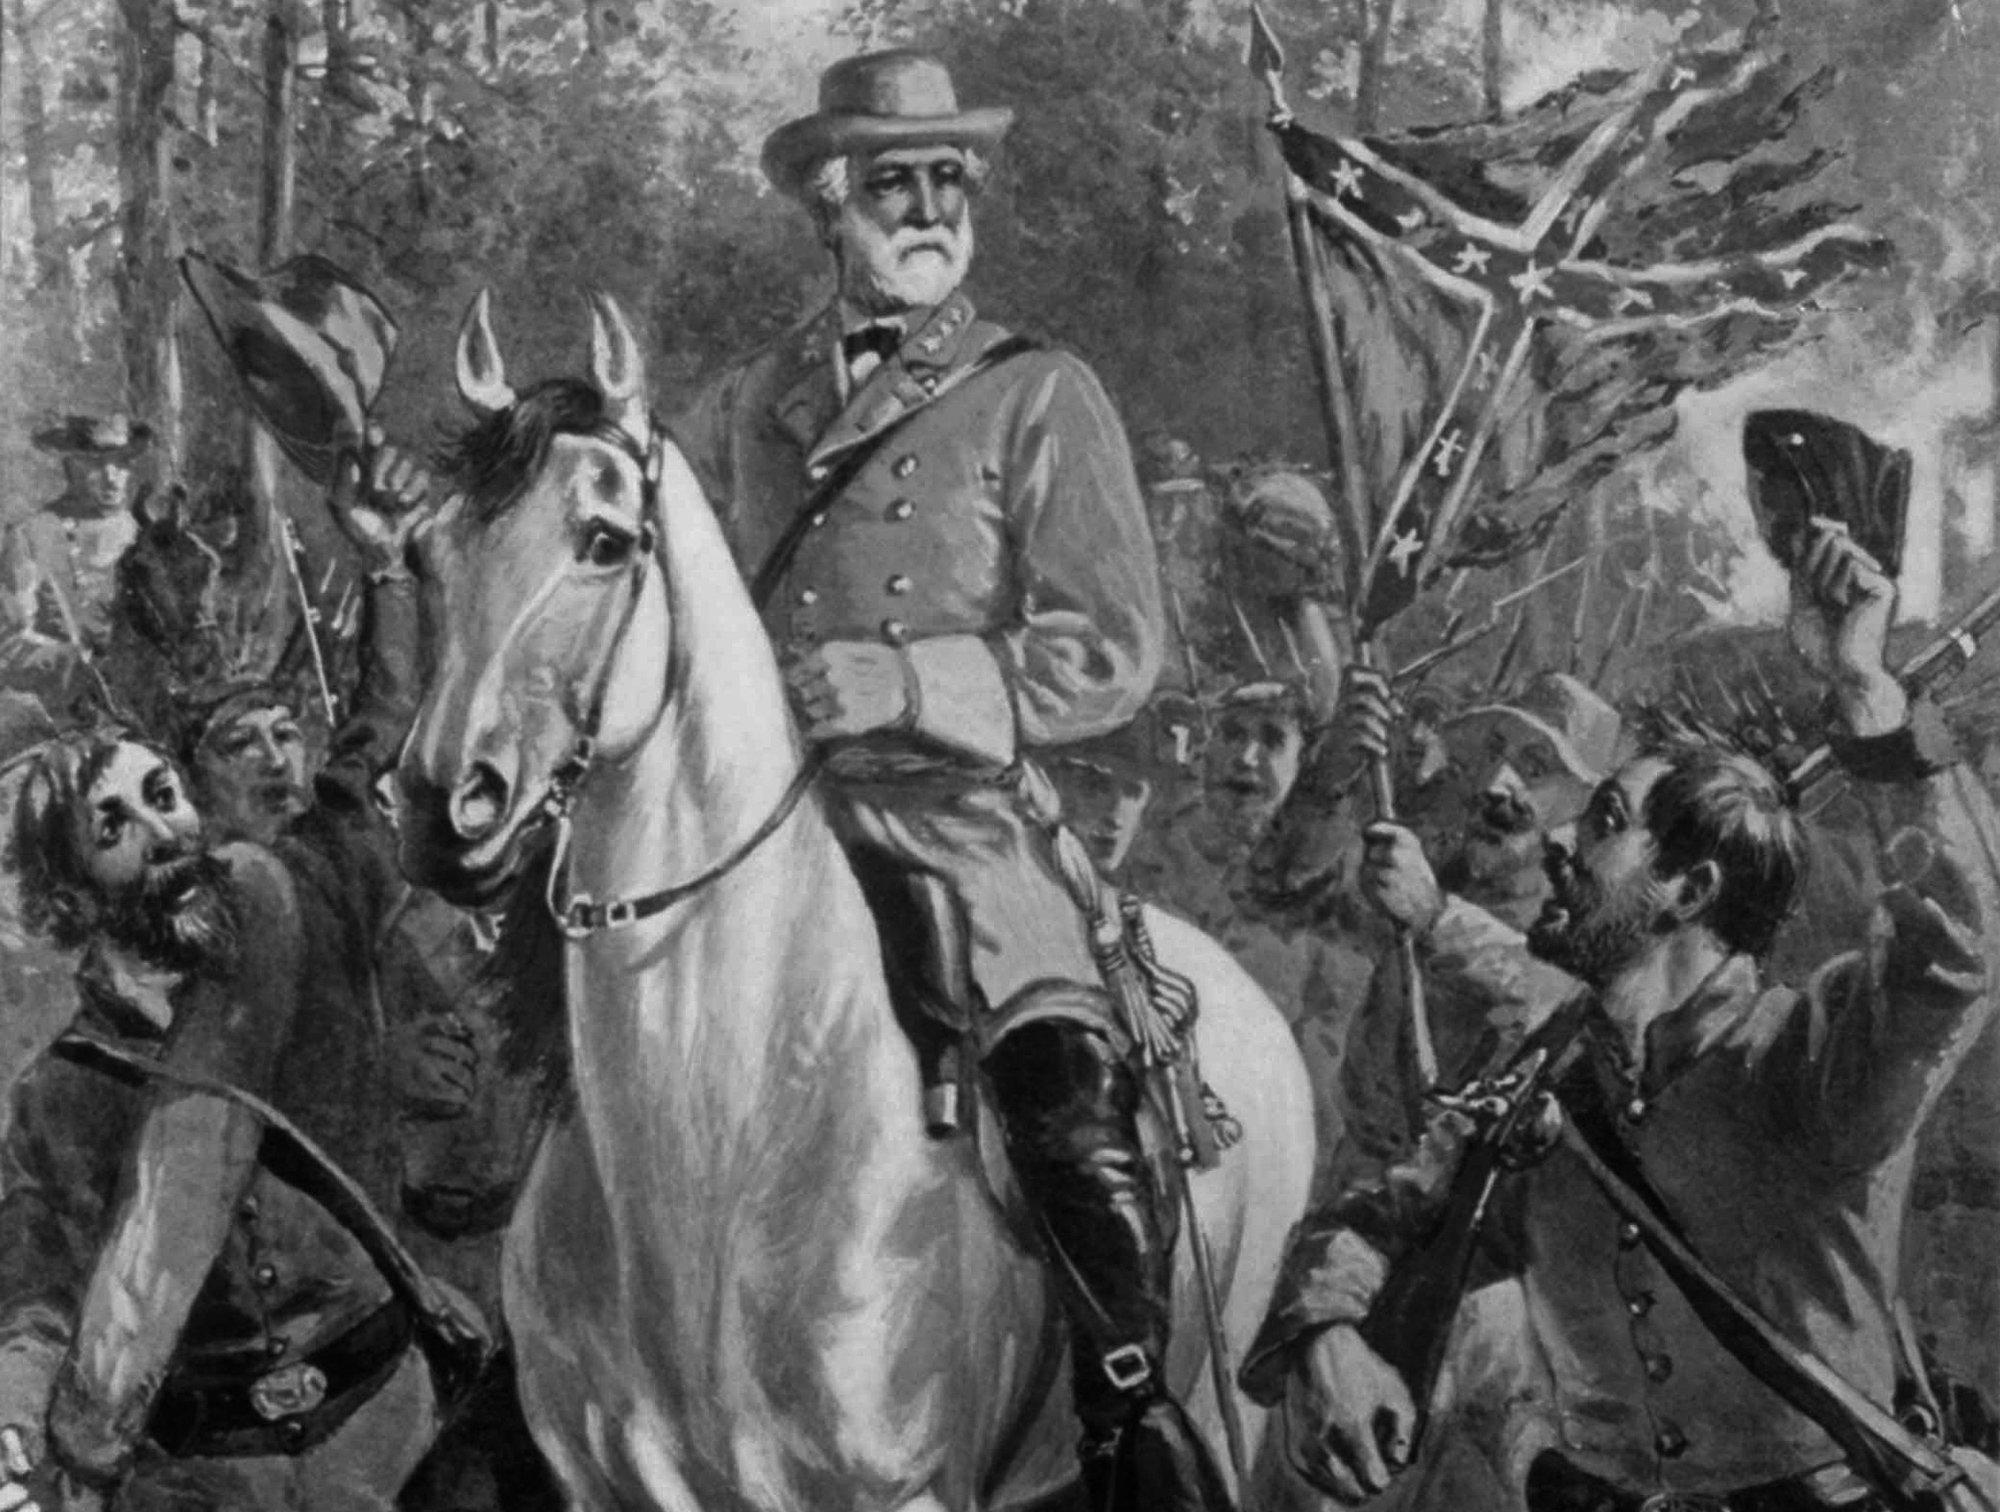 41 Robert E Lee riding Traveller